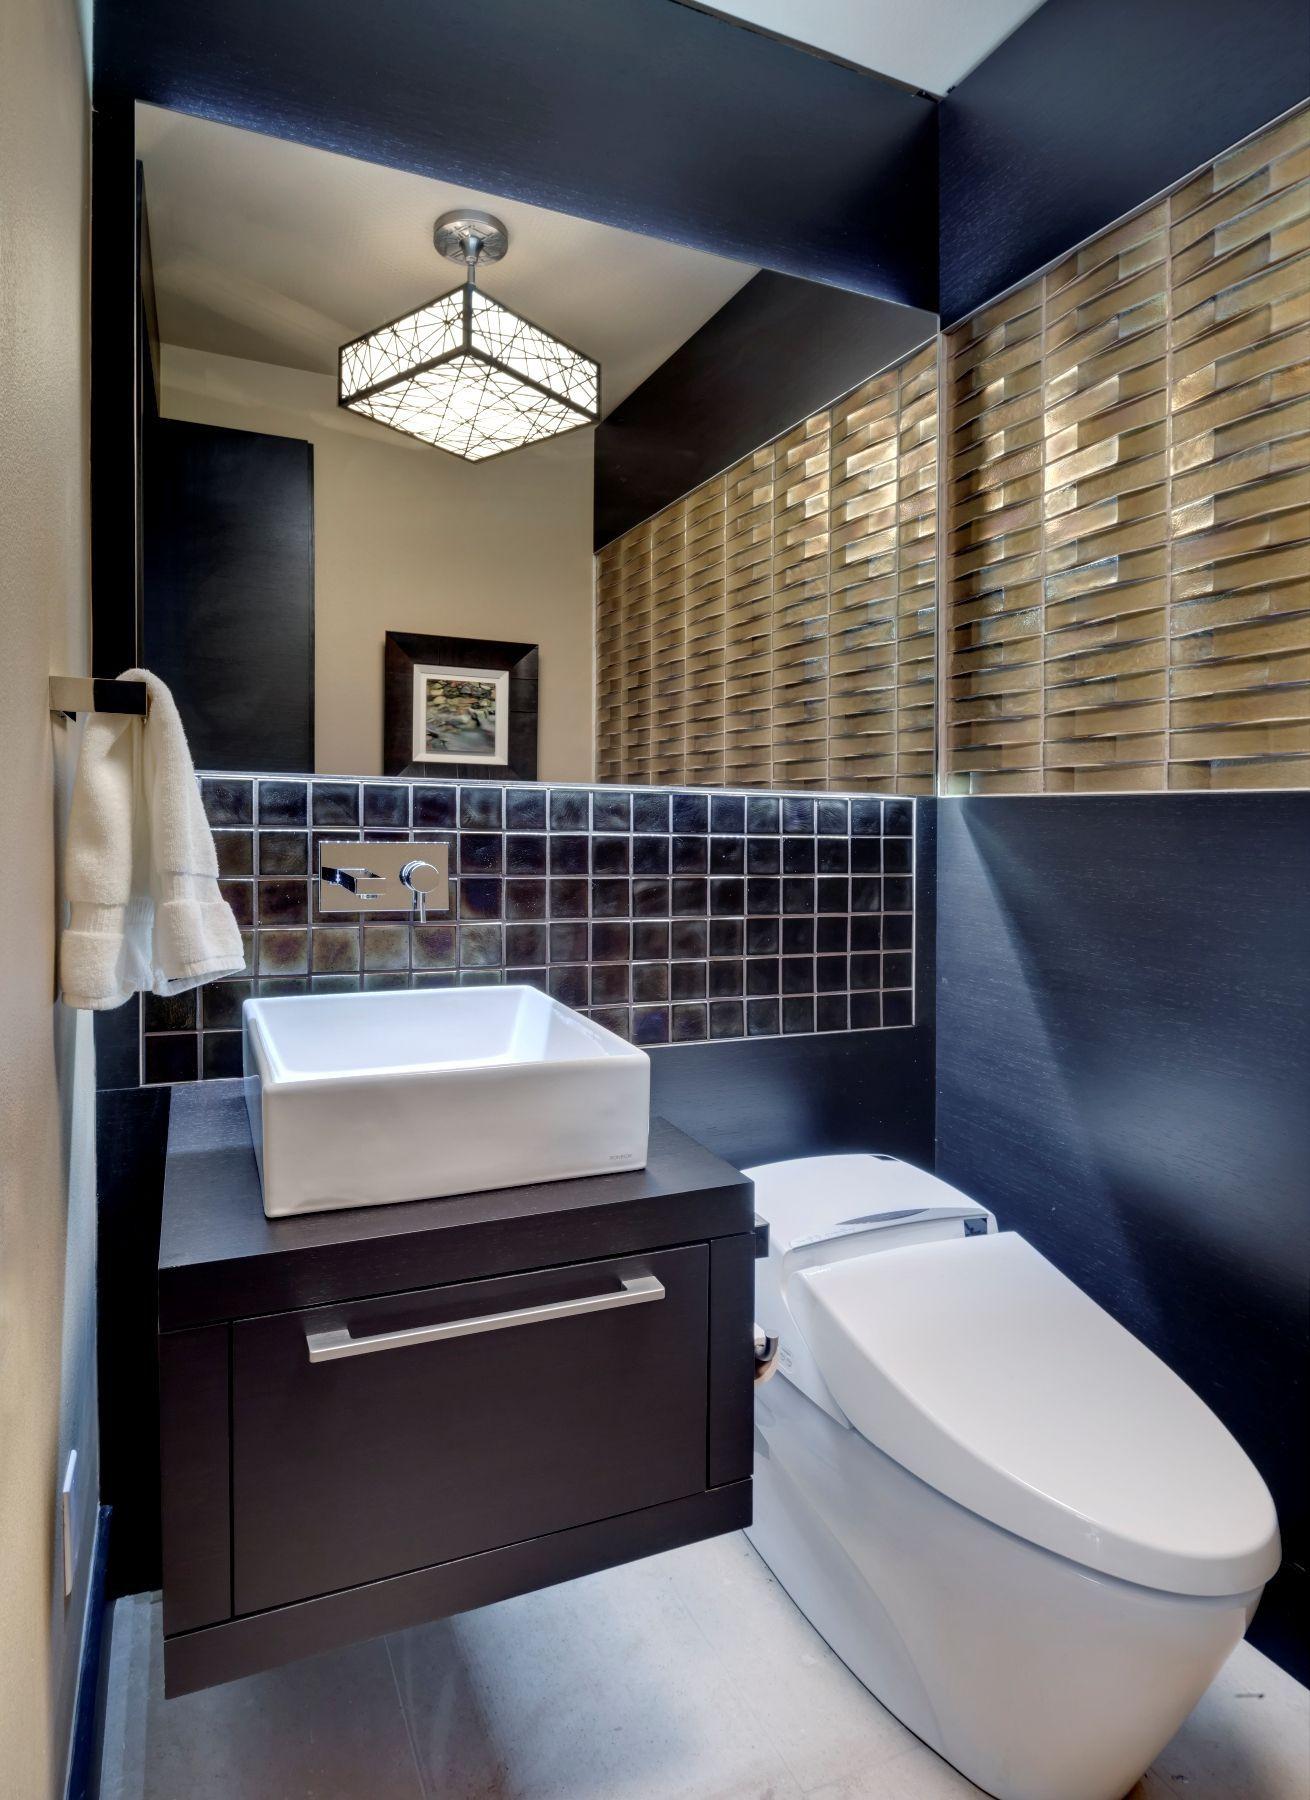 Использование универсального унитаза-биде экономит место в ванной